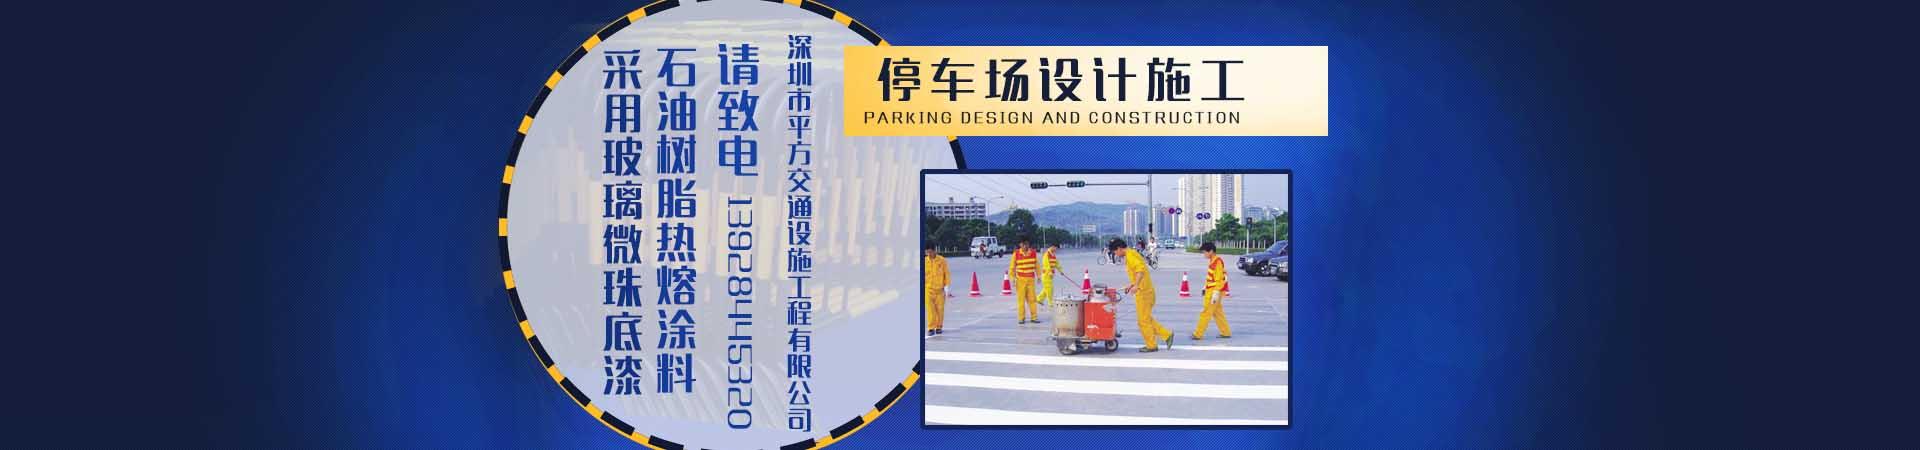 深圳市平方交通设施工程有限公司专业从事道路,停车场,飞机